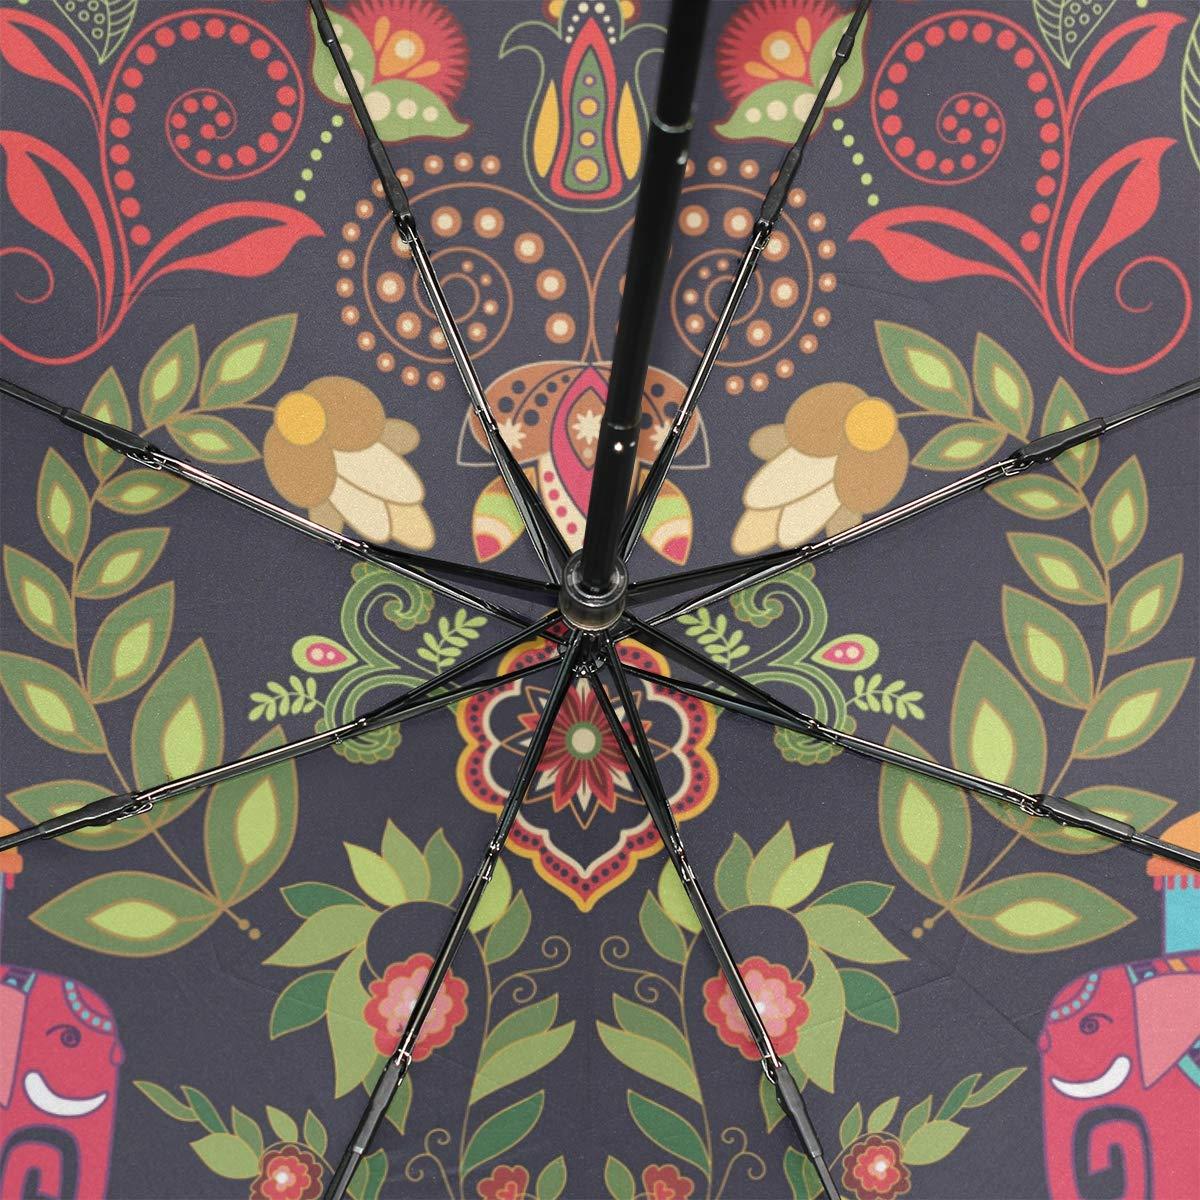 ISAOA Paraguas de Viaje autom/ático Compacto Plegable Paraguas Creatividad Indio Elefante Resistente al Viento Ultra Ligero UV protecci/ón Paraguas para Mujeres y Hombres